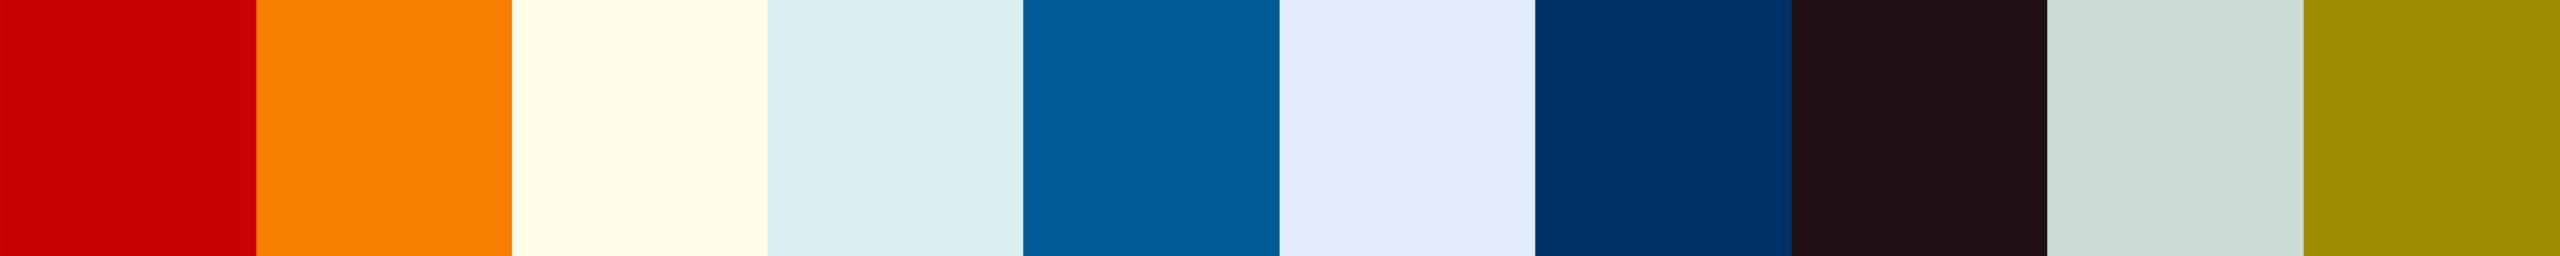 248 Greboo Color Palette